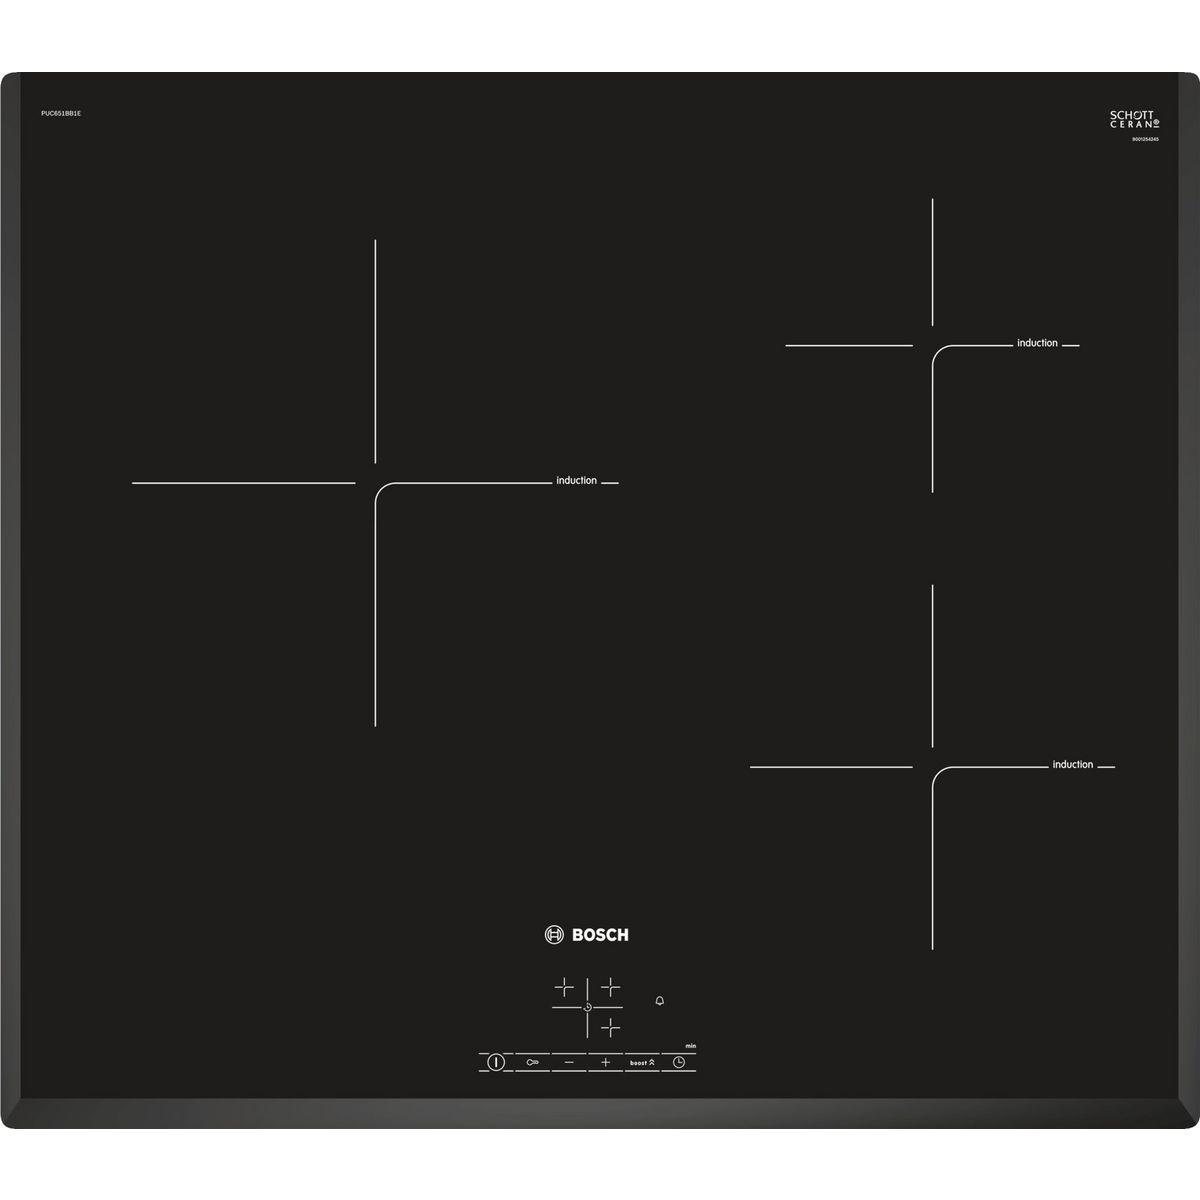 etendoir a linge interieur auchan table de cuisson induction nzmnmbb cm foyers with etendoir a. Black Bedroom Furniture Sets. Home Design Ideas